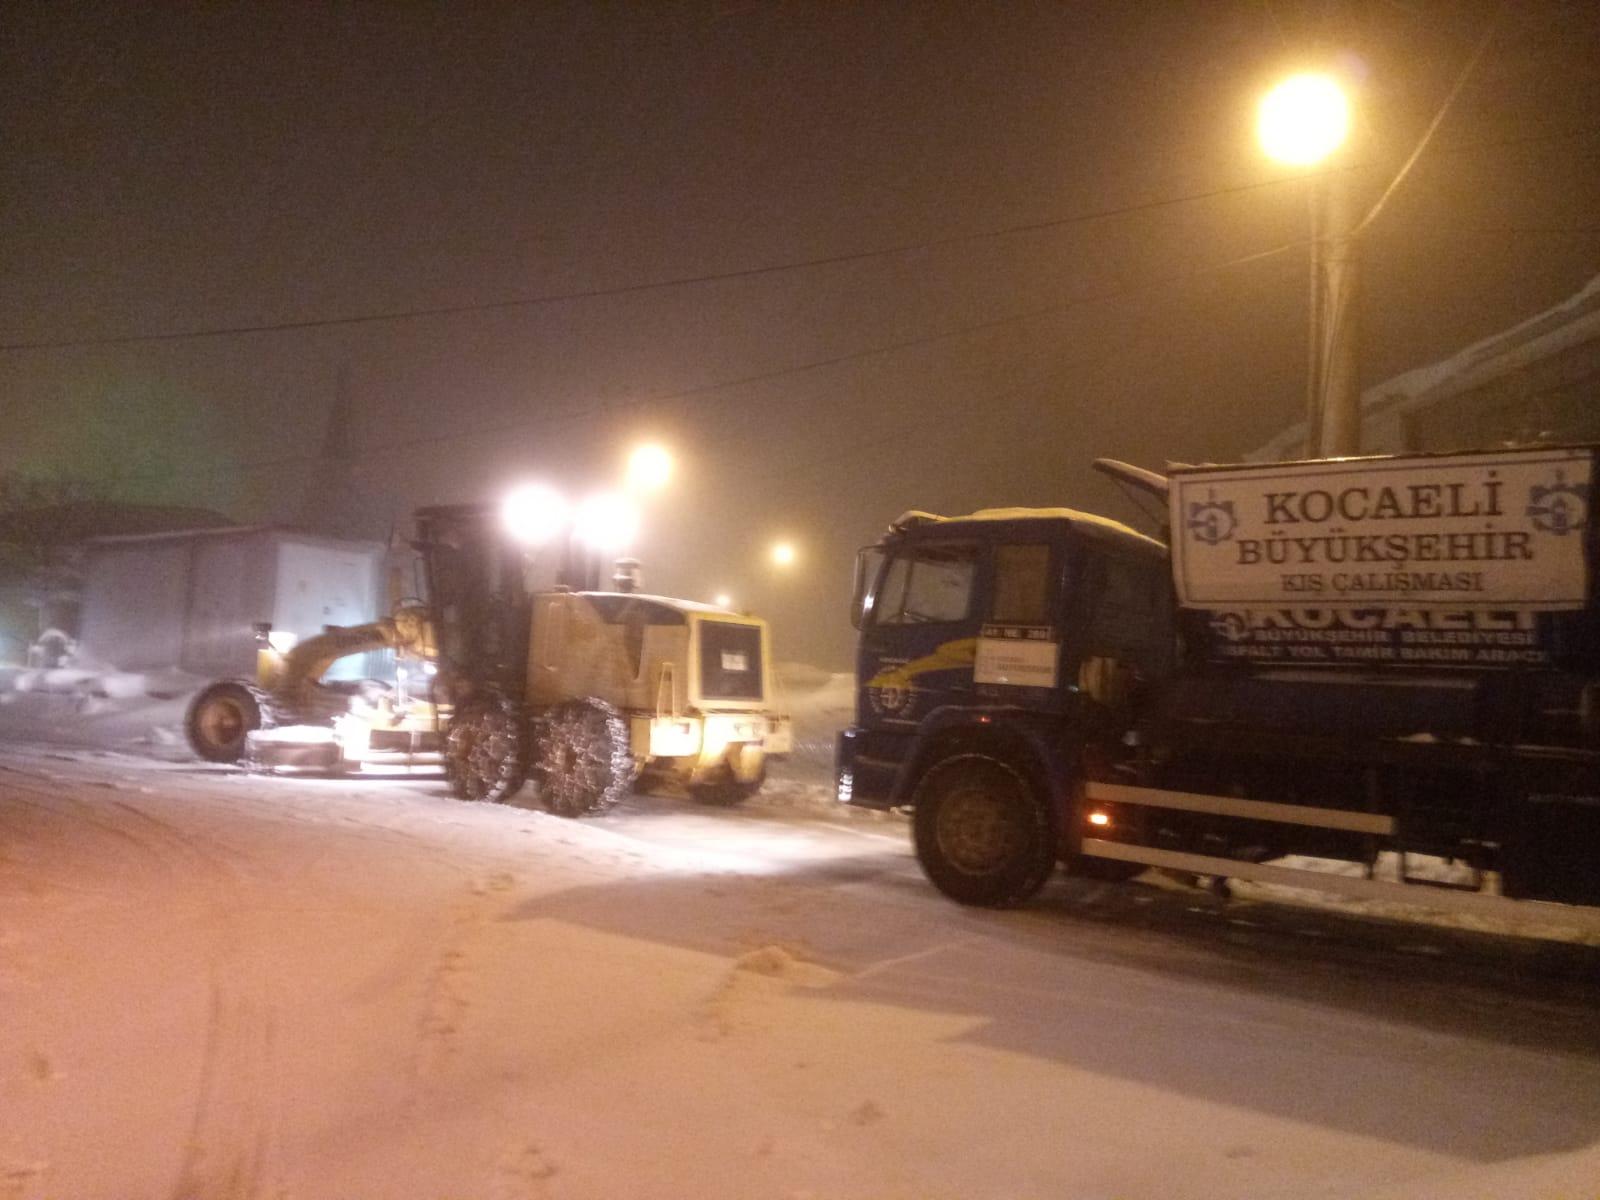 Tipide erken saatlerde 7/24 Büyükşehir Kar Timleri yoktu, ilçe belediyeleri vardı!